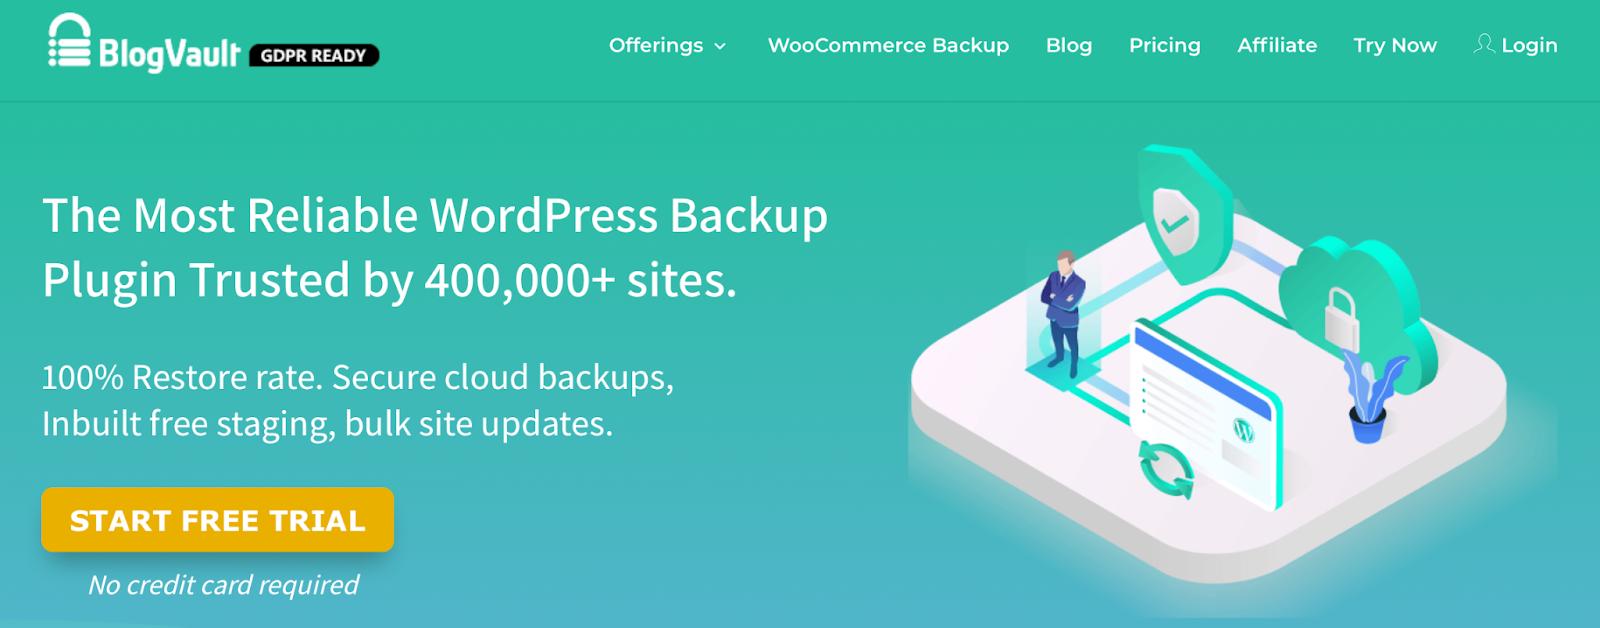 Los mejores complementos de respaldo de WordPress que Crazy Egg - 1631316344 86 Los mejores complementos de respaldo de WordPress que Crazy Egg